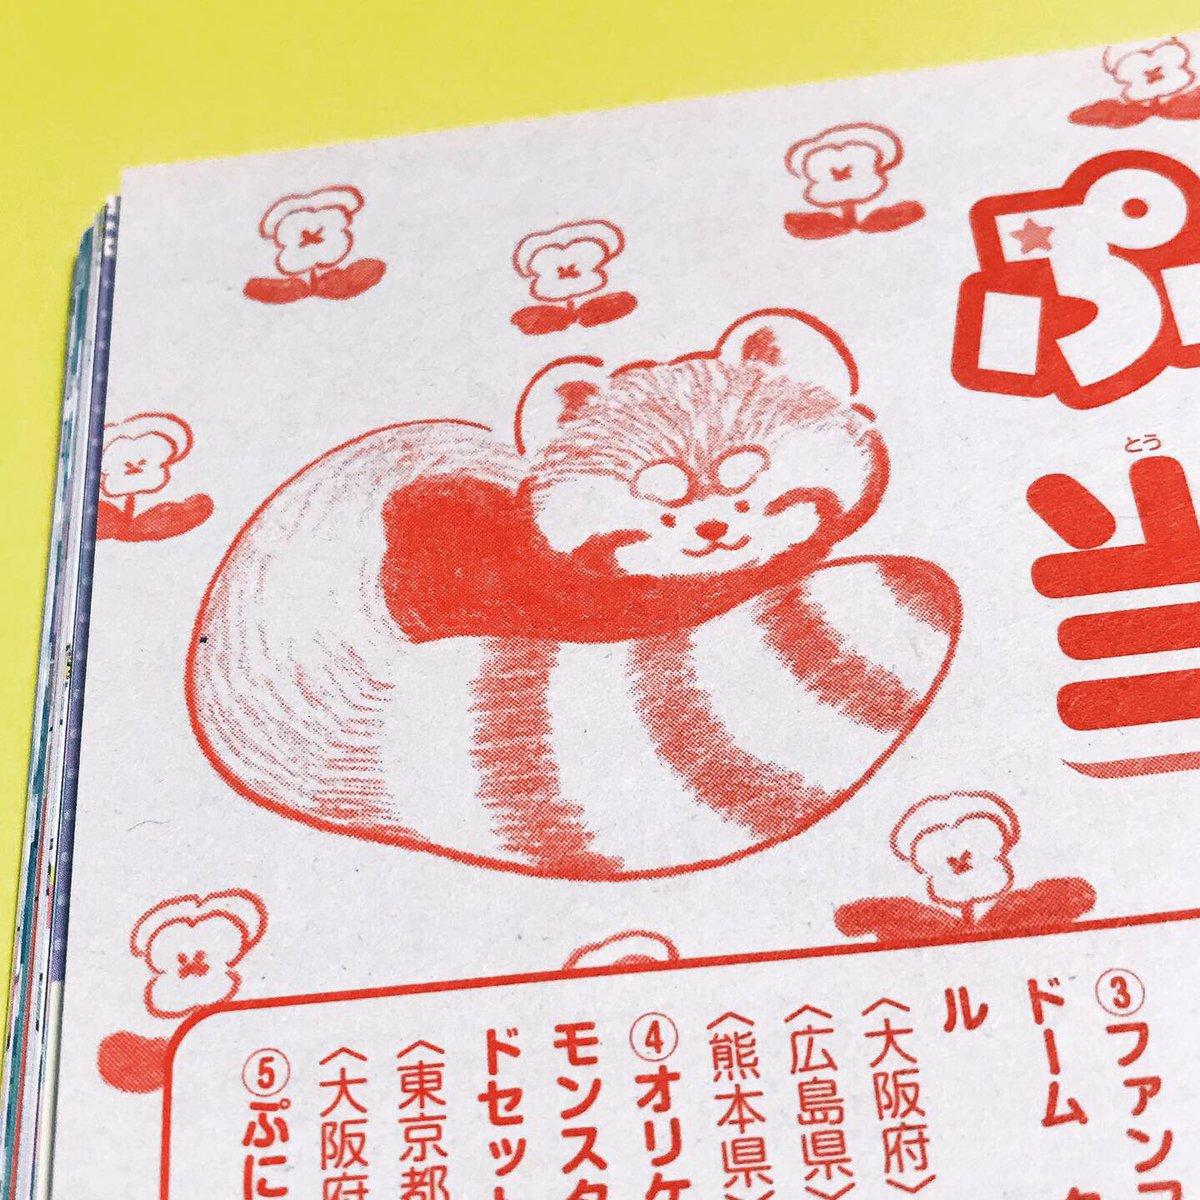 小学館 ぷっちぐみ7月号、8月号 懸賞ページイラスト描かせていただきました。  幼稚園から小学校低学年の女の子へのプレゼントにぜひ👧🏻🌻 https://pucchigumi.net/